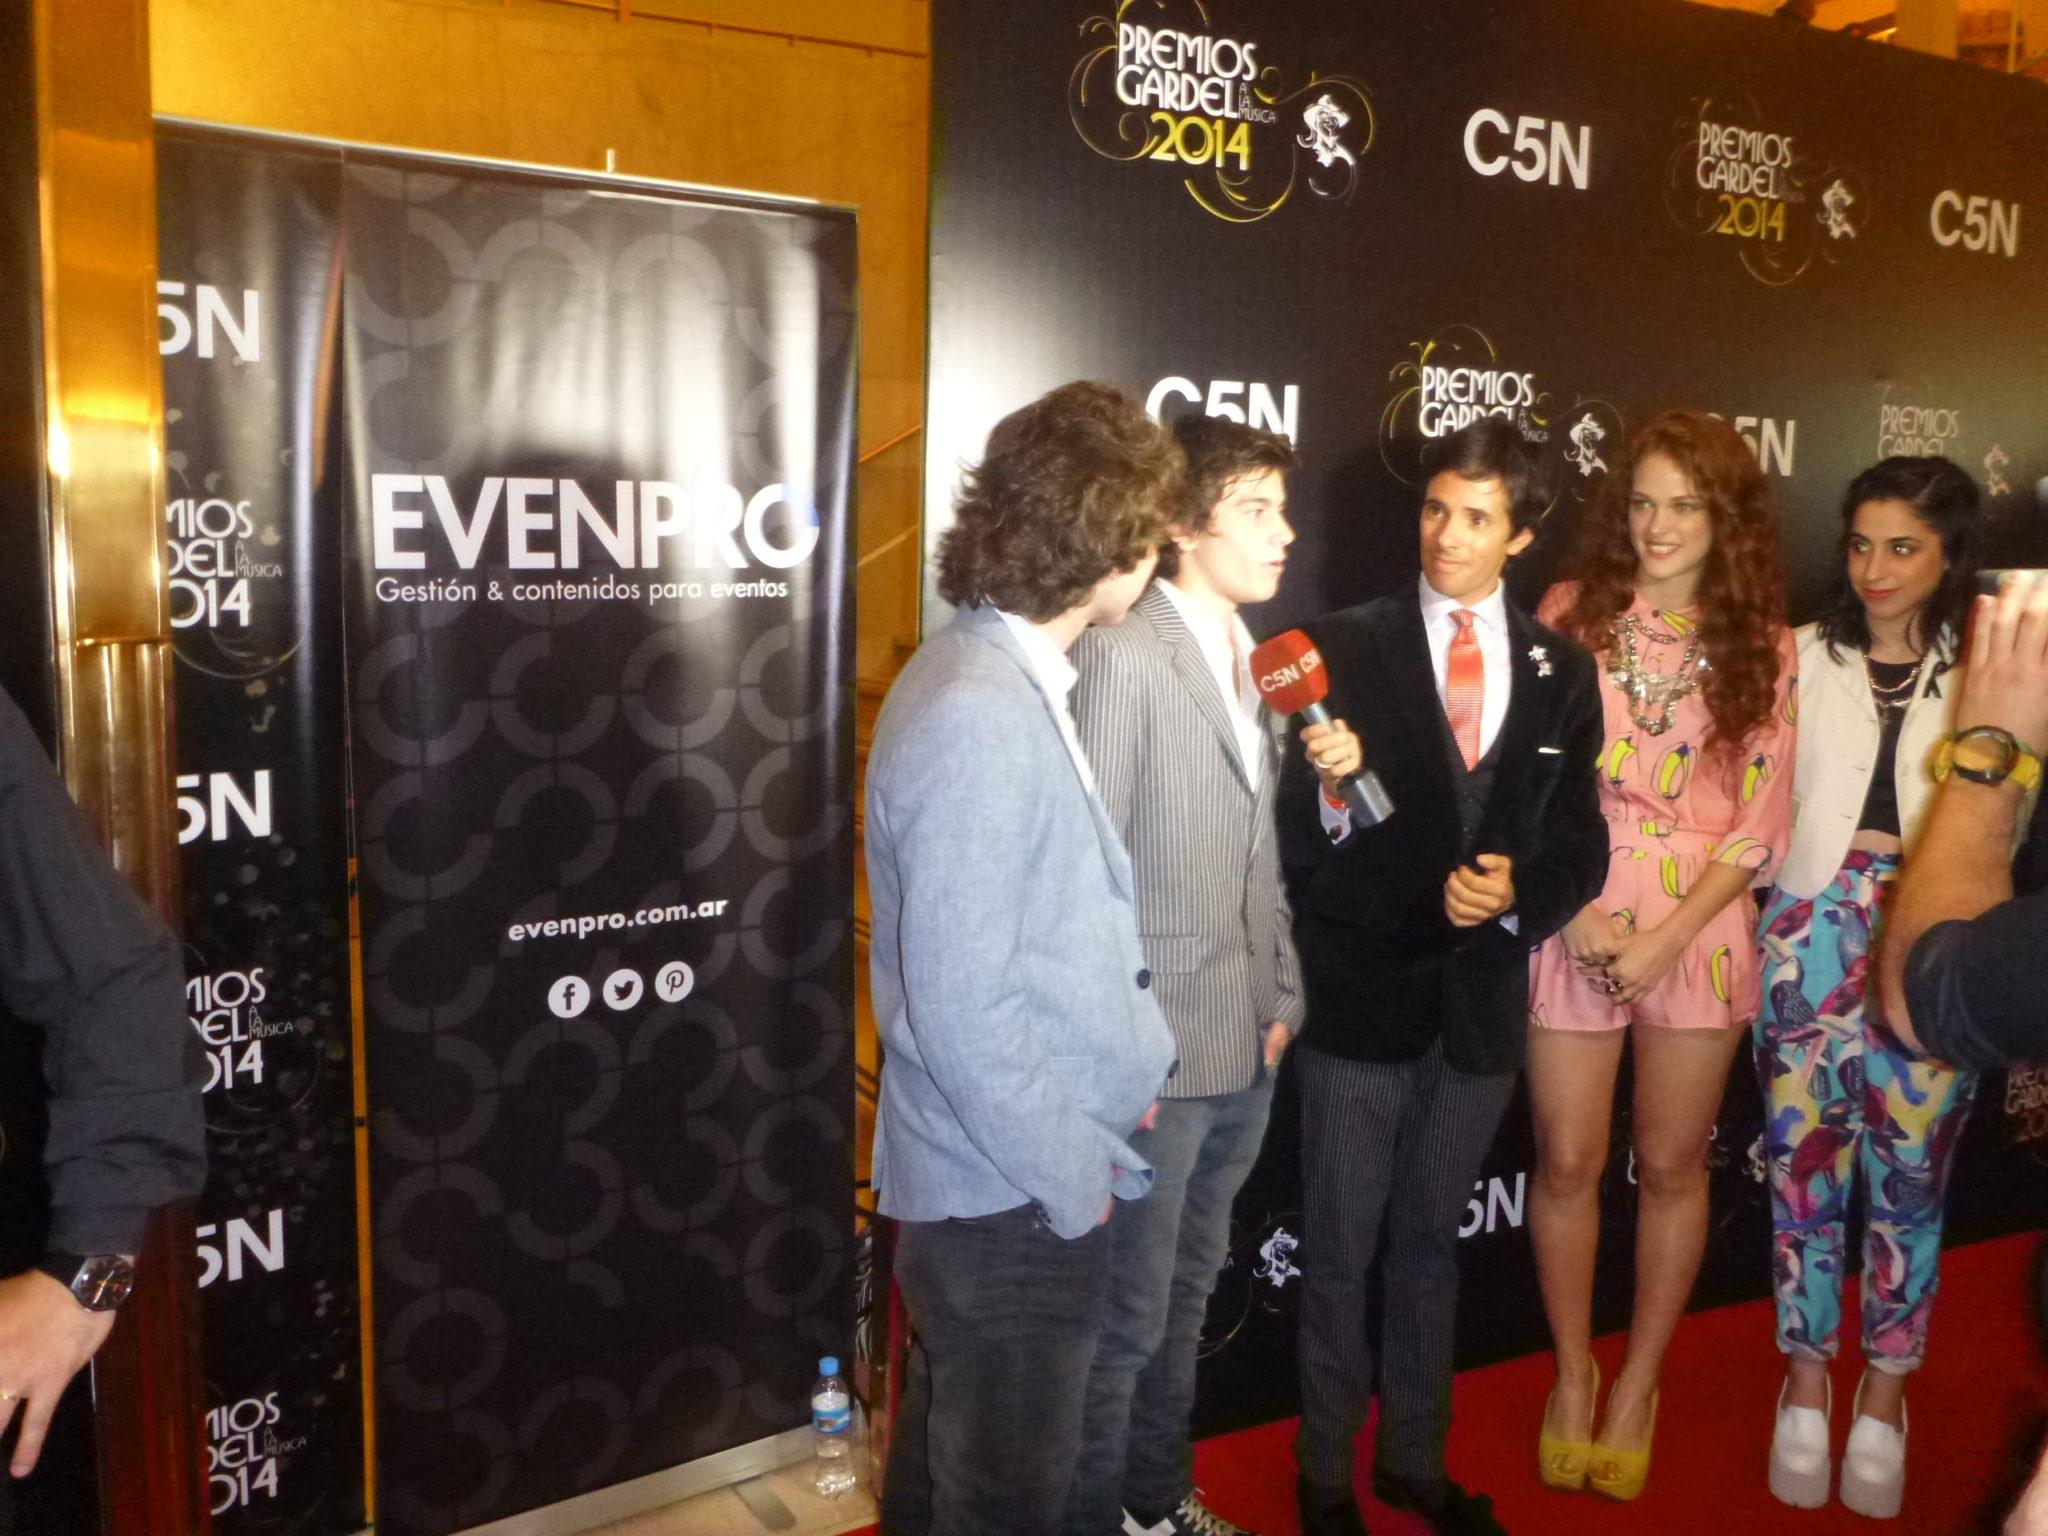 EVENPRO en la producción integral de los Premios Gardel 2014